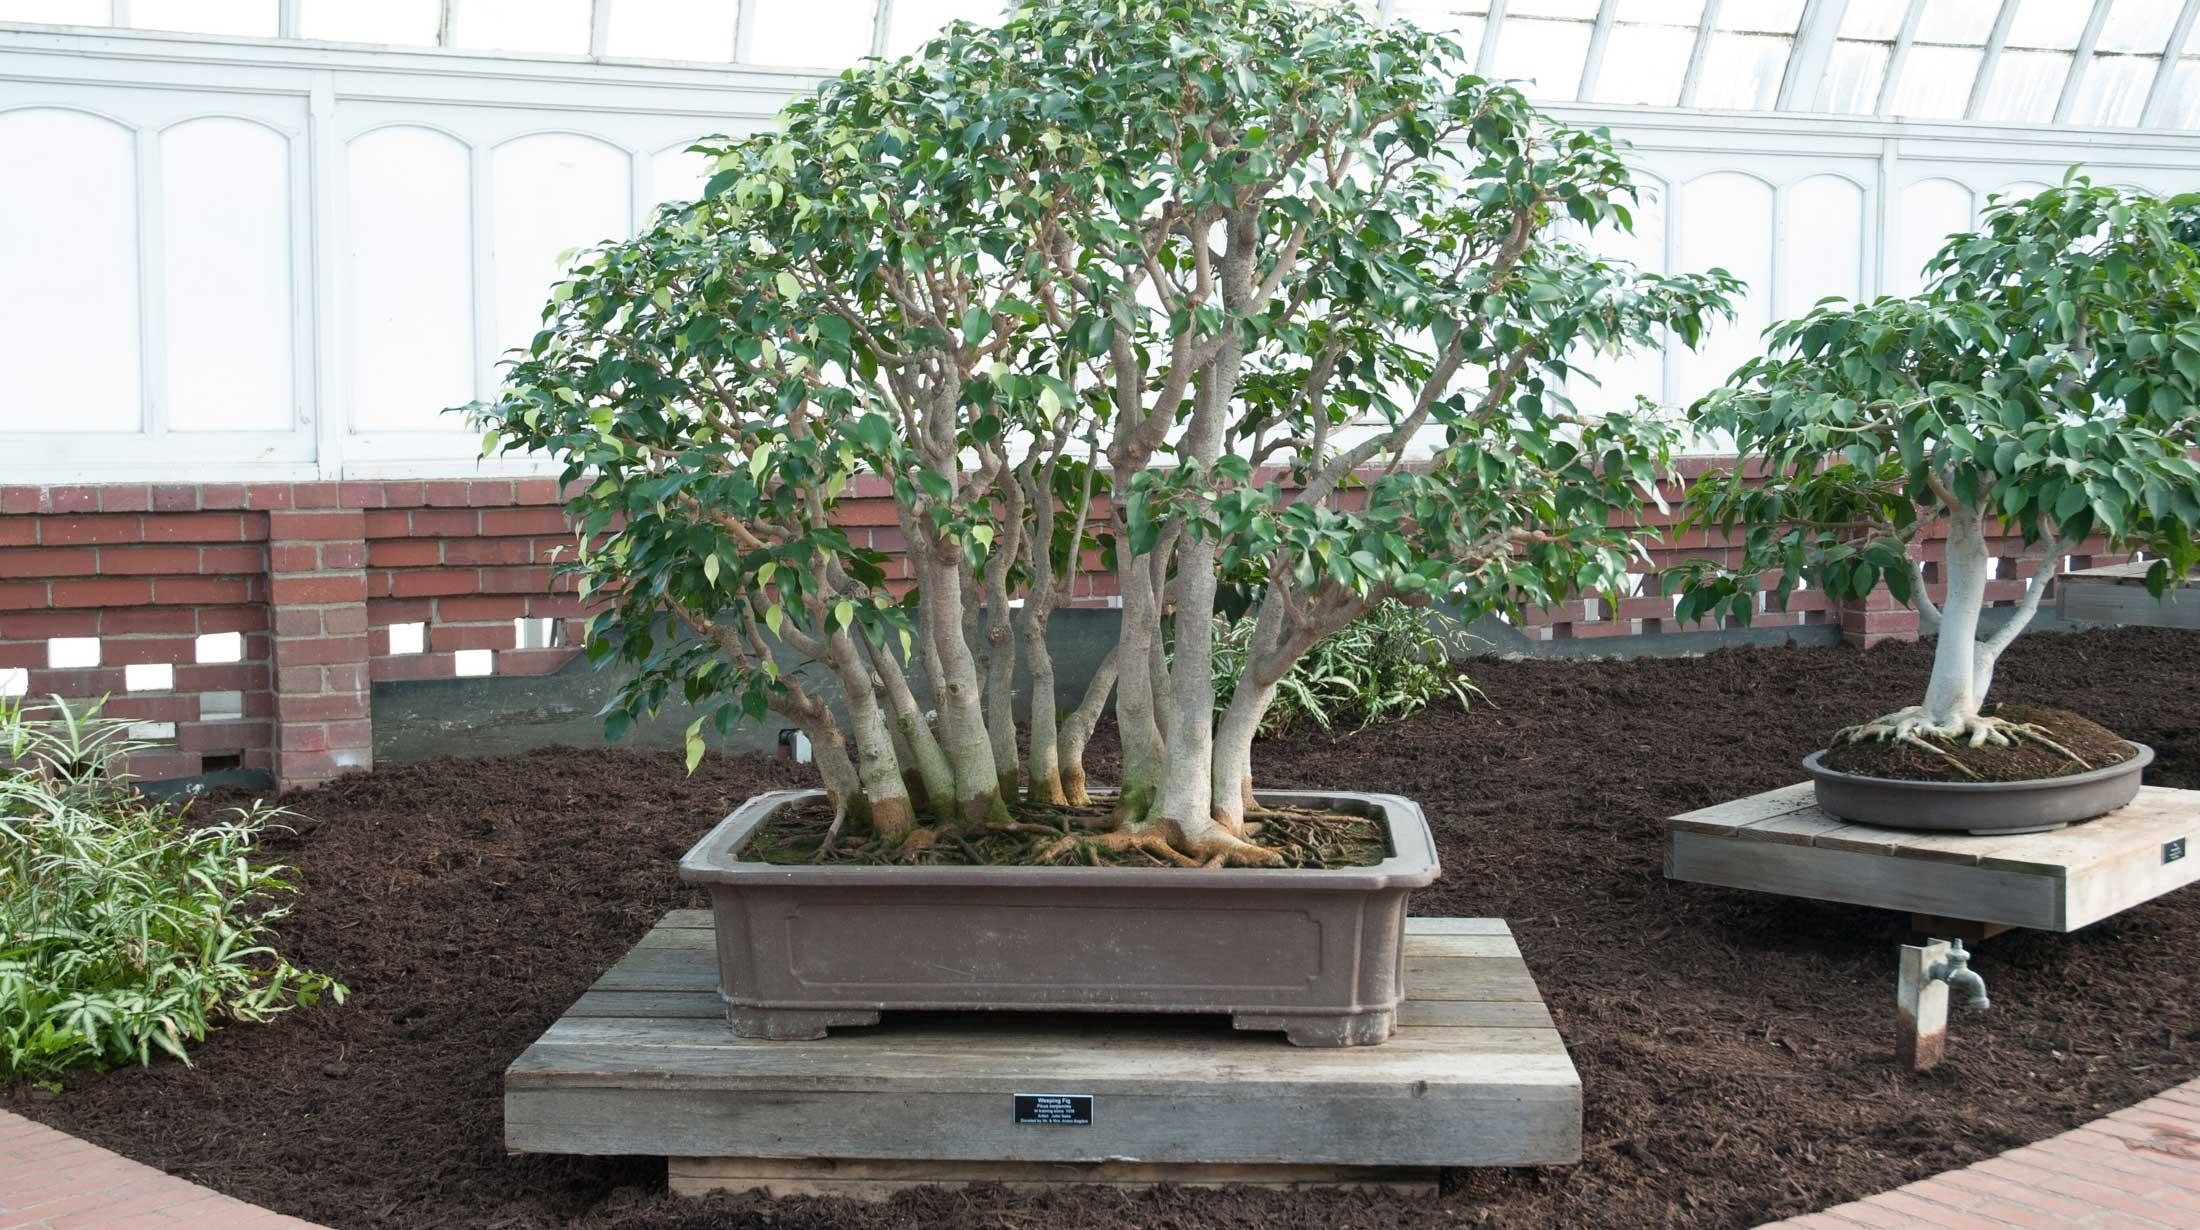 Cura Del Ficus Benjamin come creare un bonsai ficus benjamin - fare bonsai - bonsai